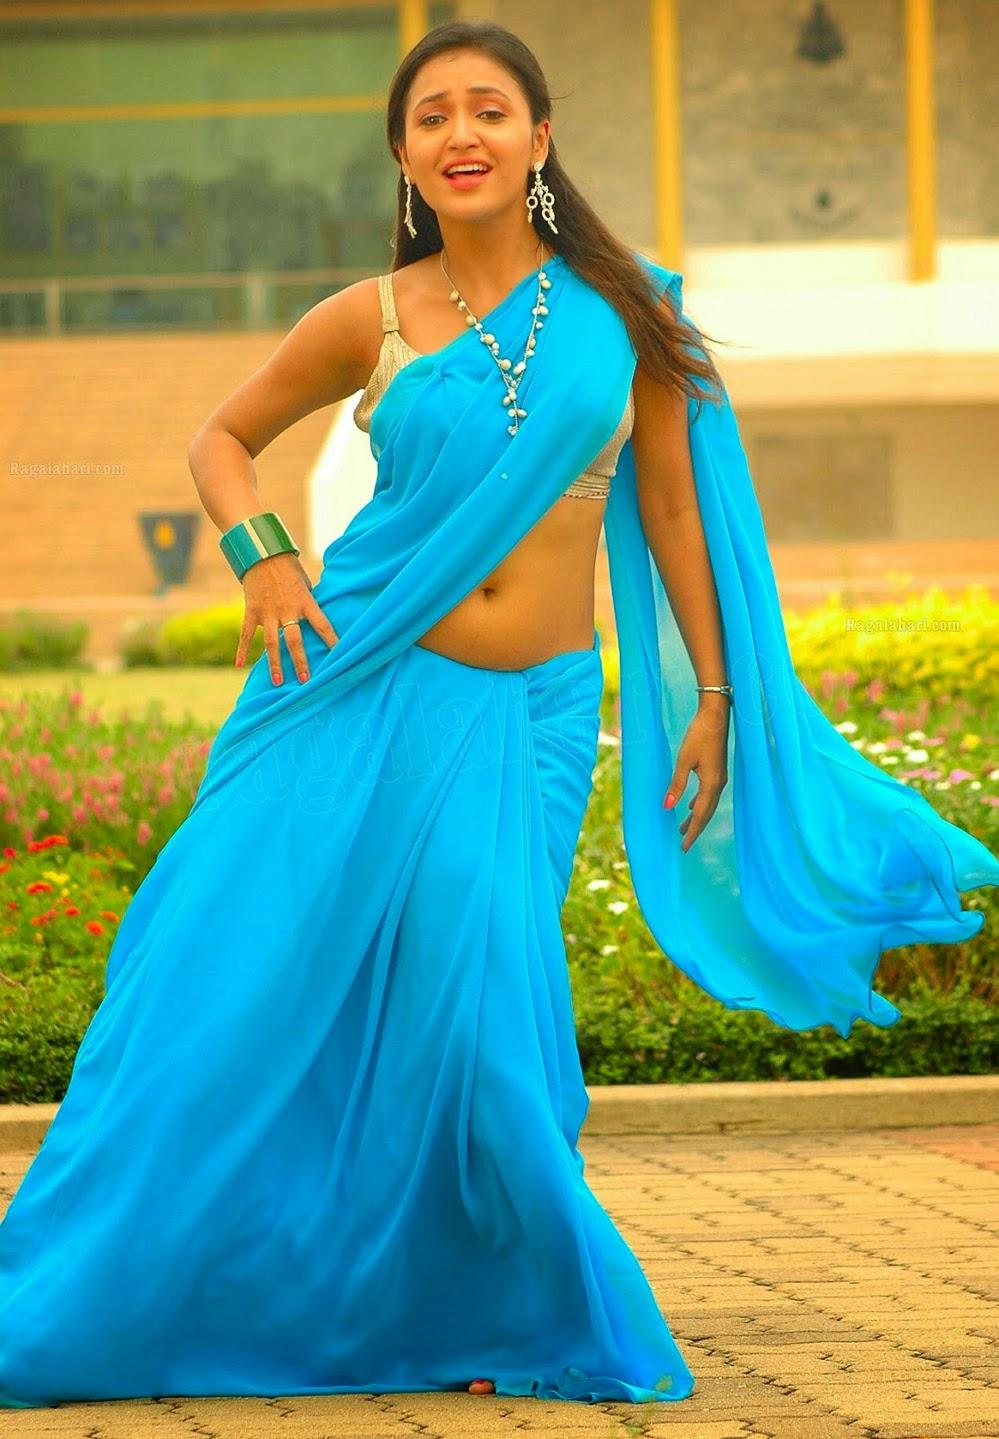 Sarayu Navel Show In Saree   nudesibhabhi.com